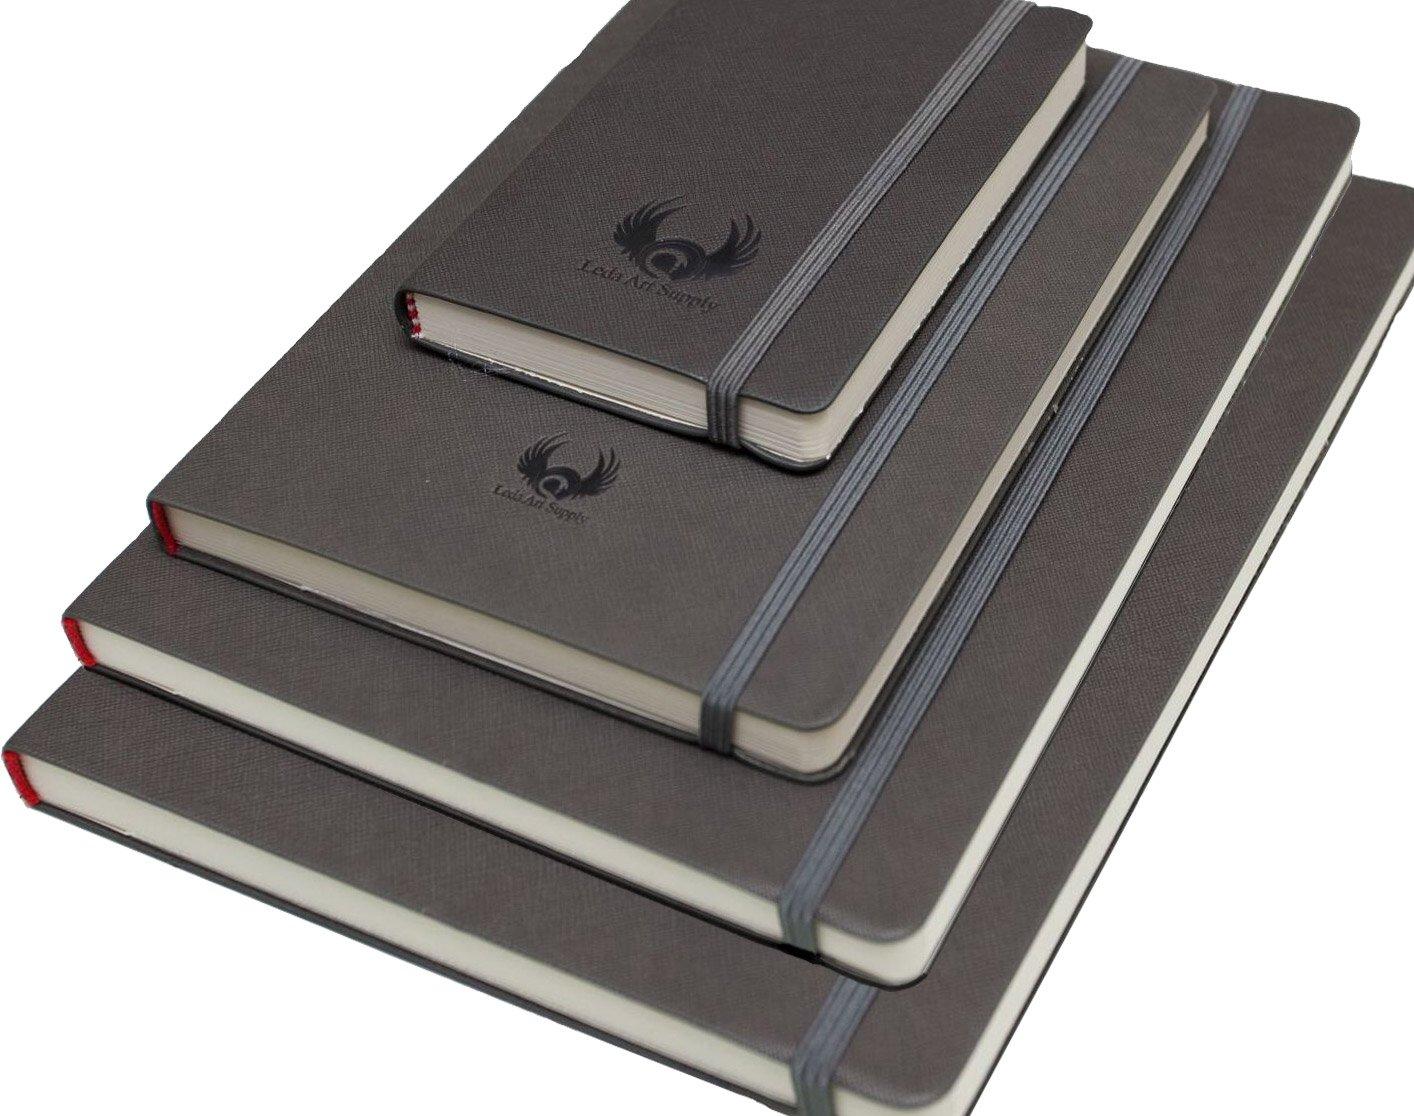 Leda Art Supply Sketchbook Multi-pack BUNDLE (4 Sizes - Small Medium Large Extra Large)